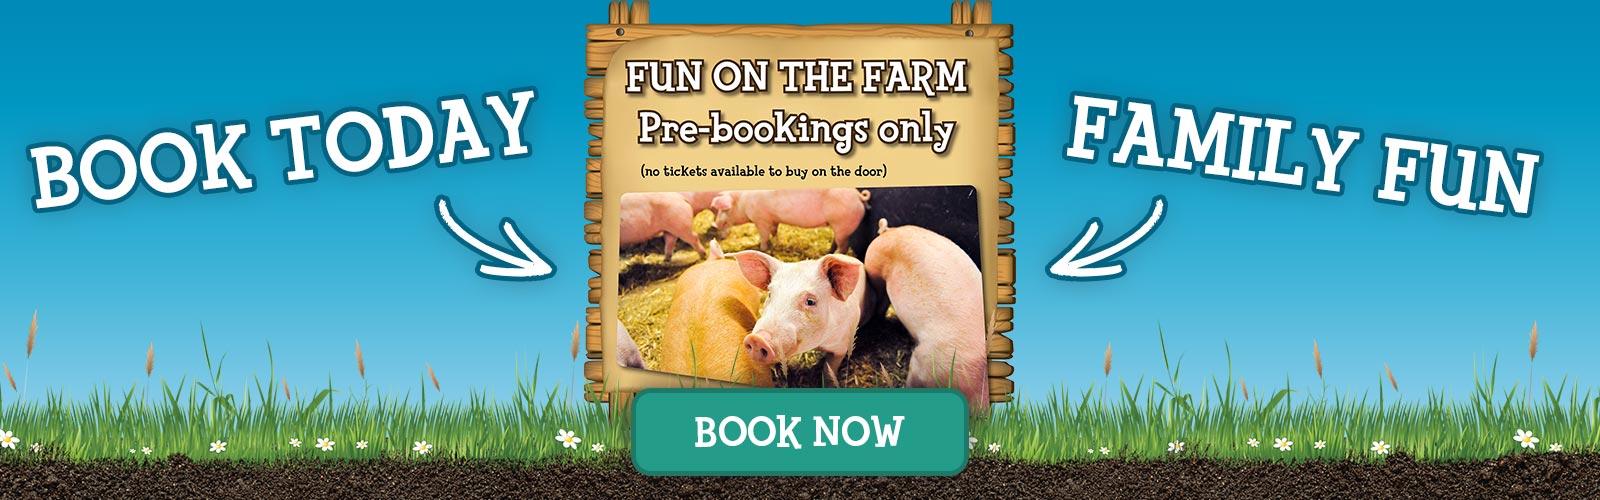 Farm Fun - Book Today